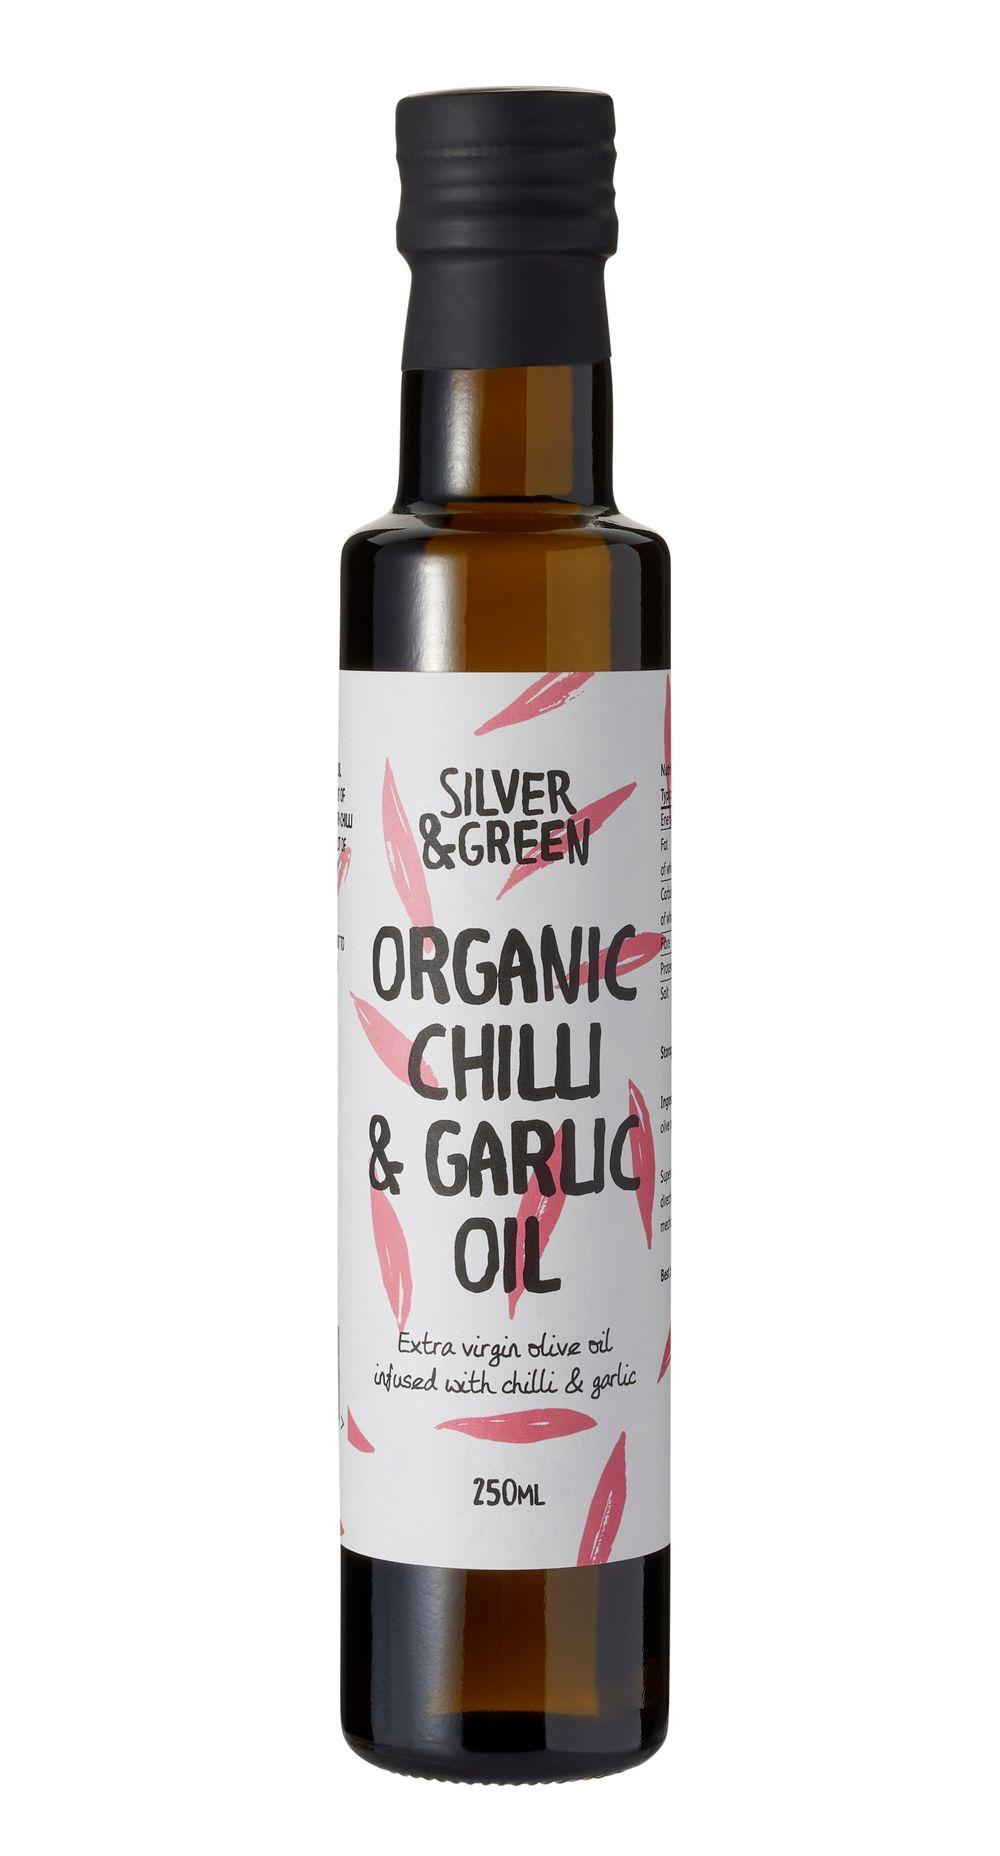 Organic Chilli & Garlic Oil